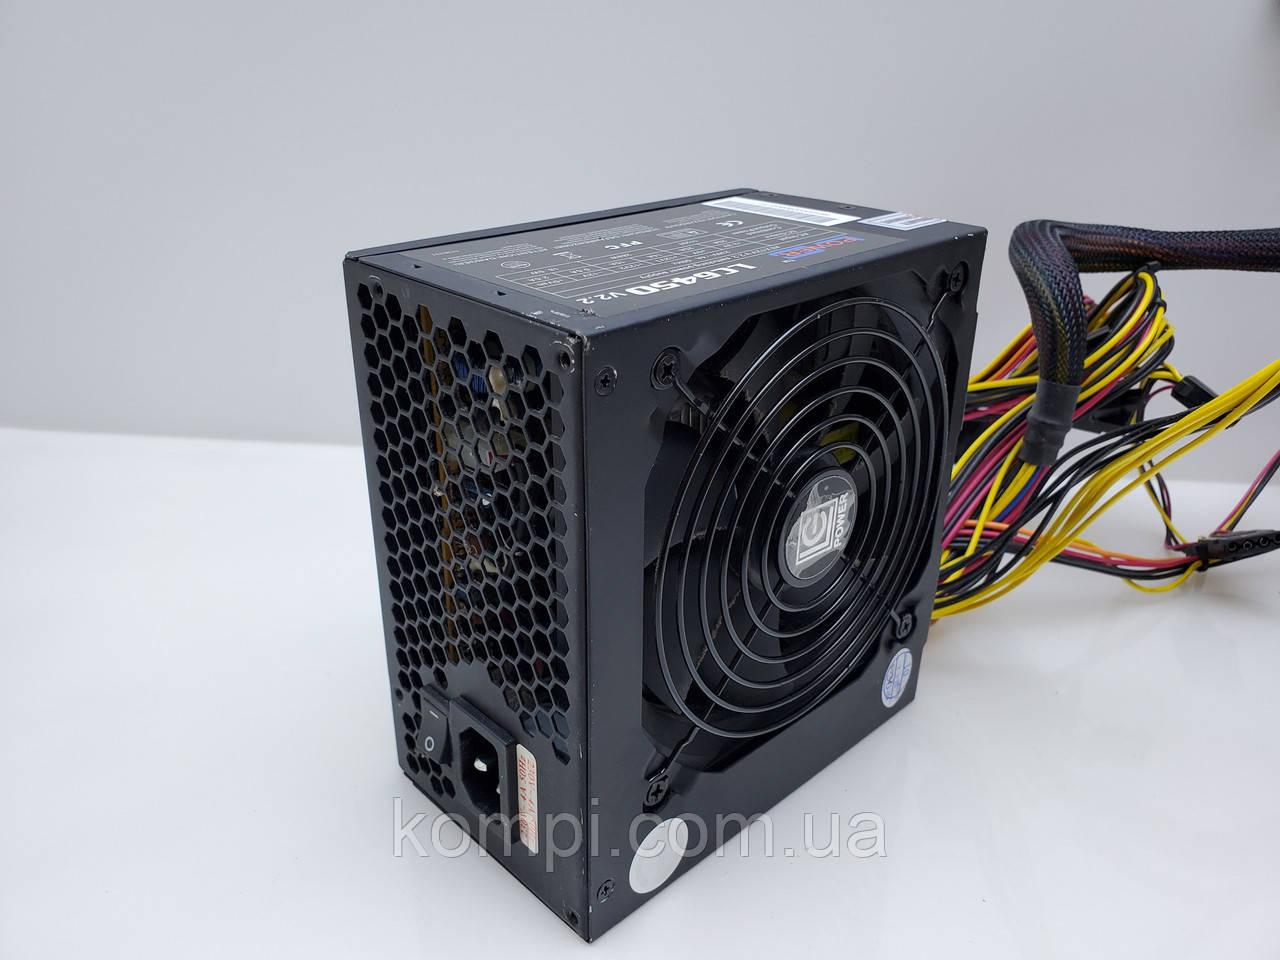 Блок питания 450W LC Power LC6450 V2.2  б/у